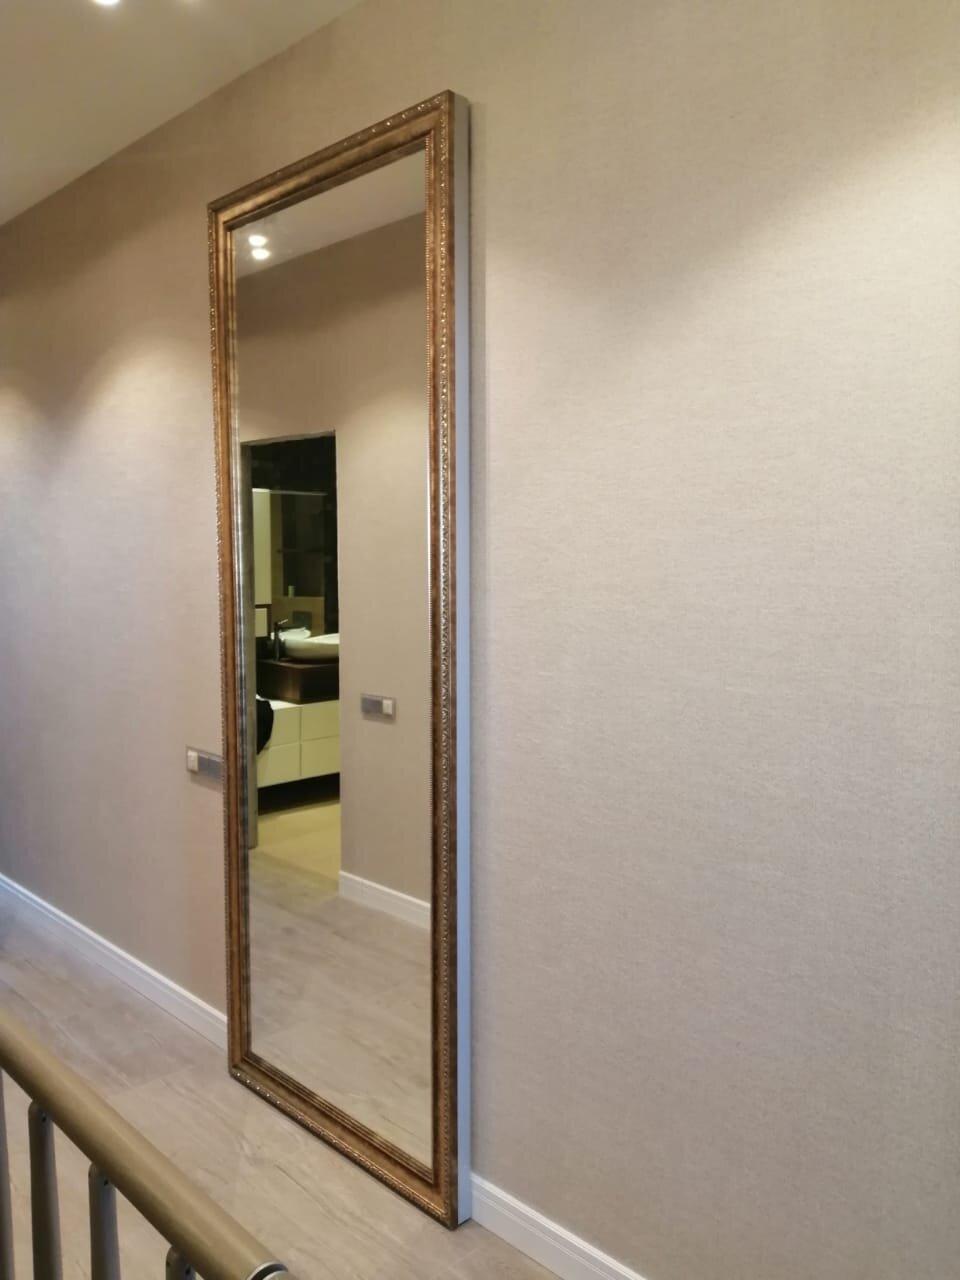 Многие даже не понимают, что это раздвижная дверь. Очень интересное решение для современных интерьеров.